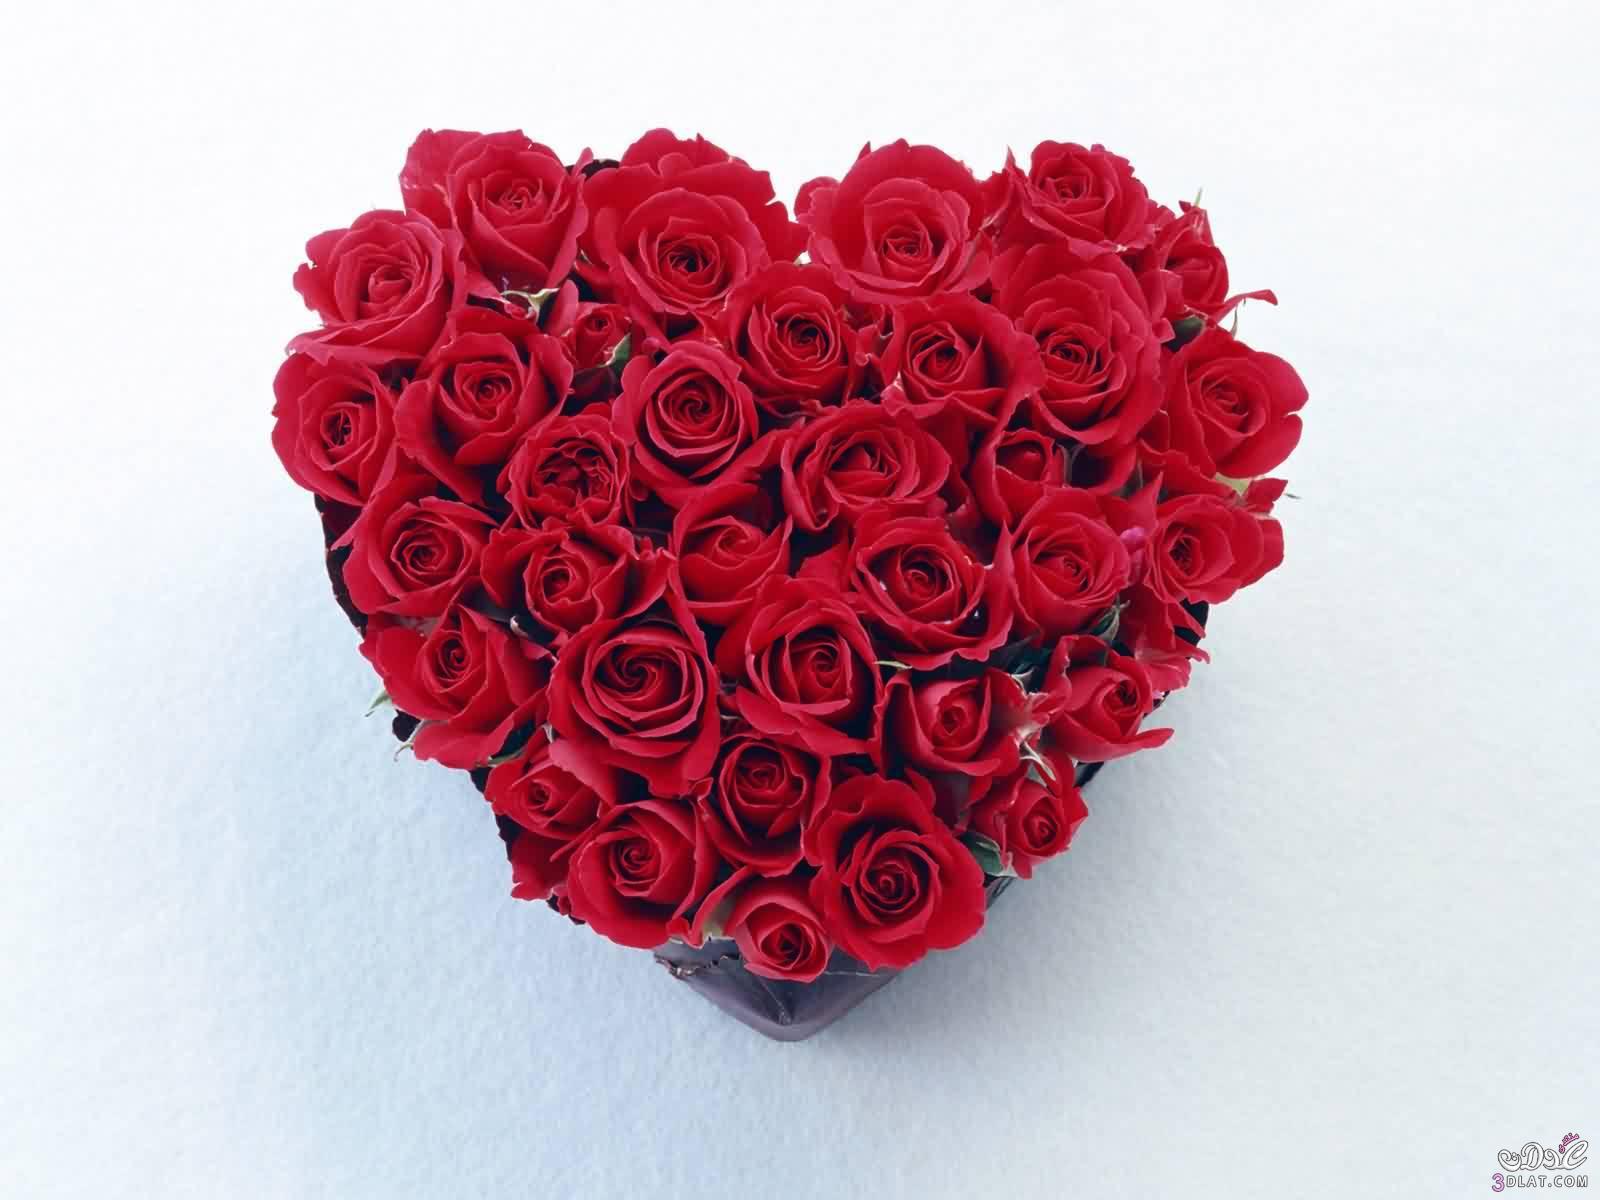 بالصور صور ورود على شكل قلوب بمناسبة عيد الحب صور ورد على شكل قلب لعيد الحب 4305 10